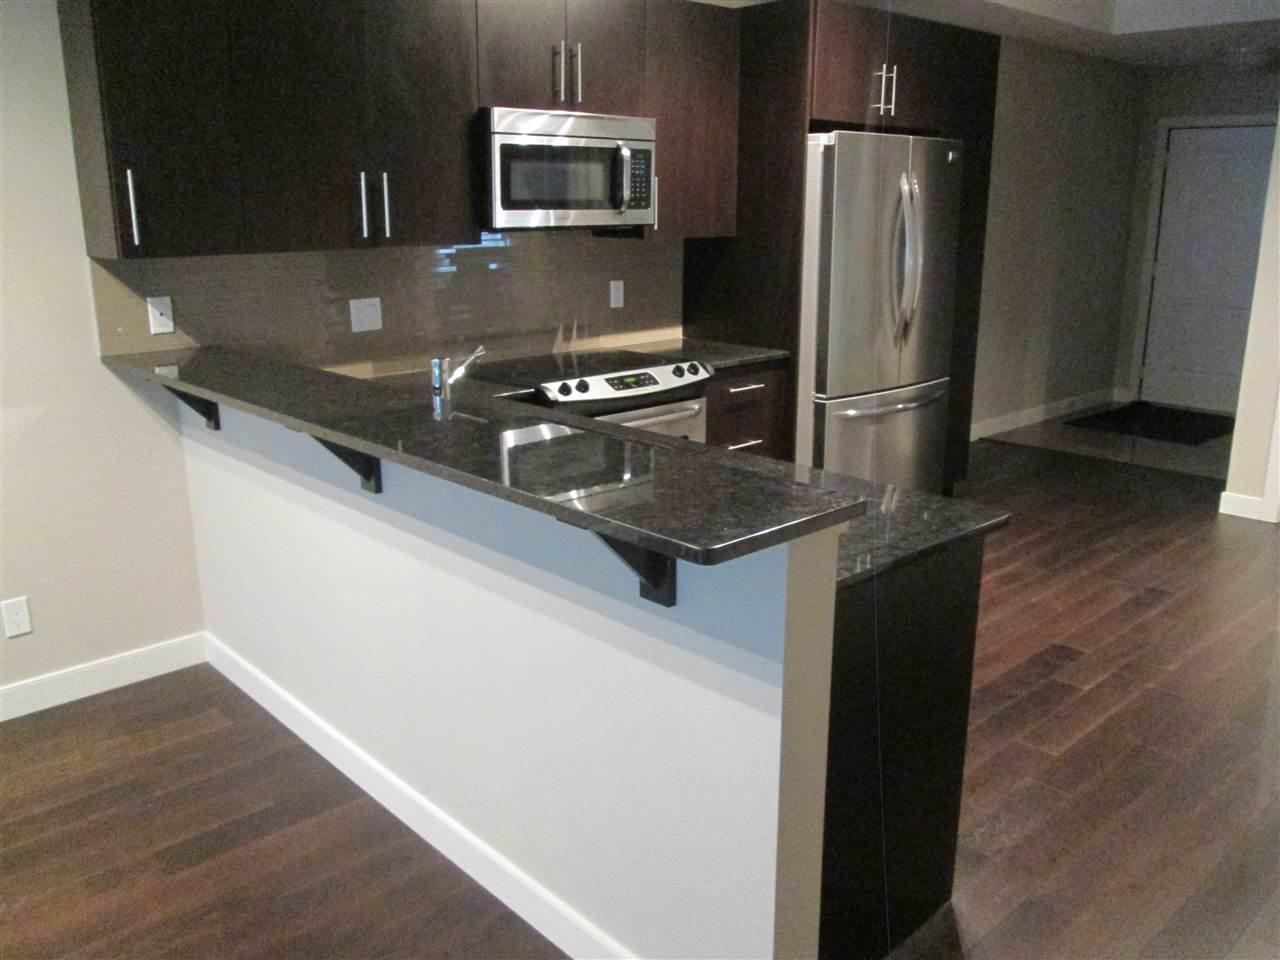 Main Photo: 205 10811 72 Avenue in Edmonton: Zone 15 Condo for sale : MLS®# E4178395